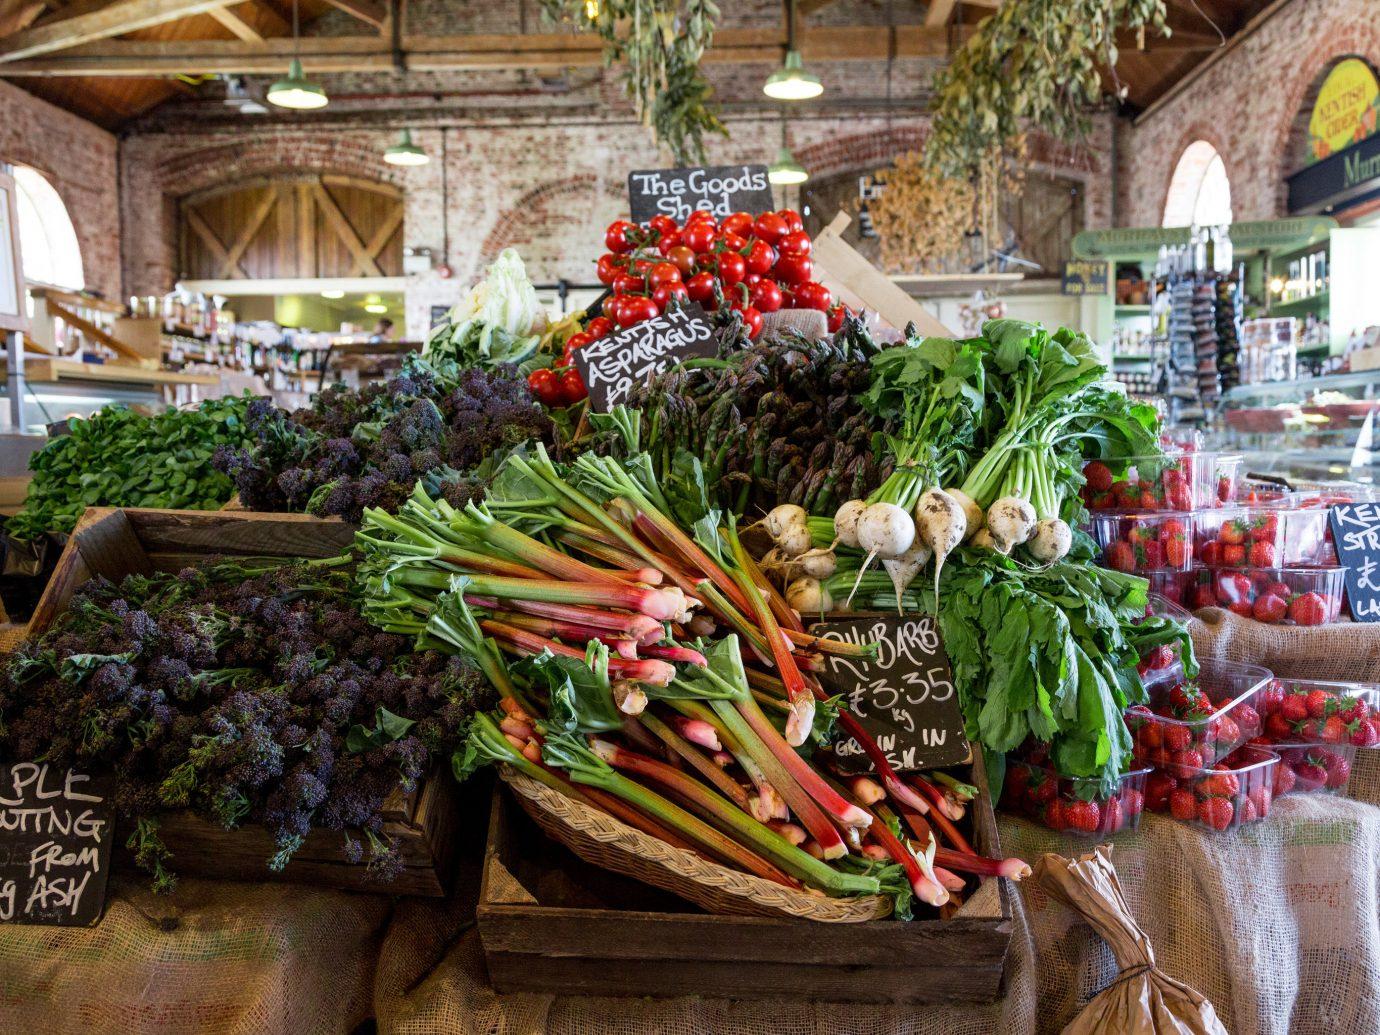 Trip Ideas marketplace floristry City public space flower arranging market retail human settlement flower floral design vegetable meal fresh